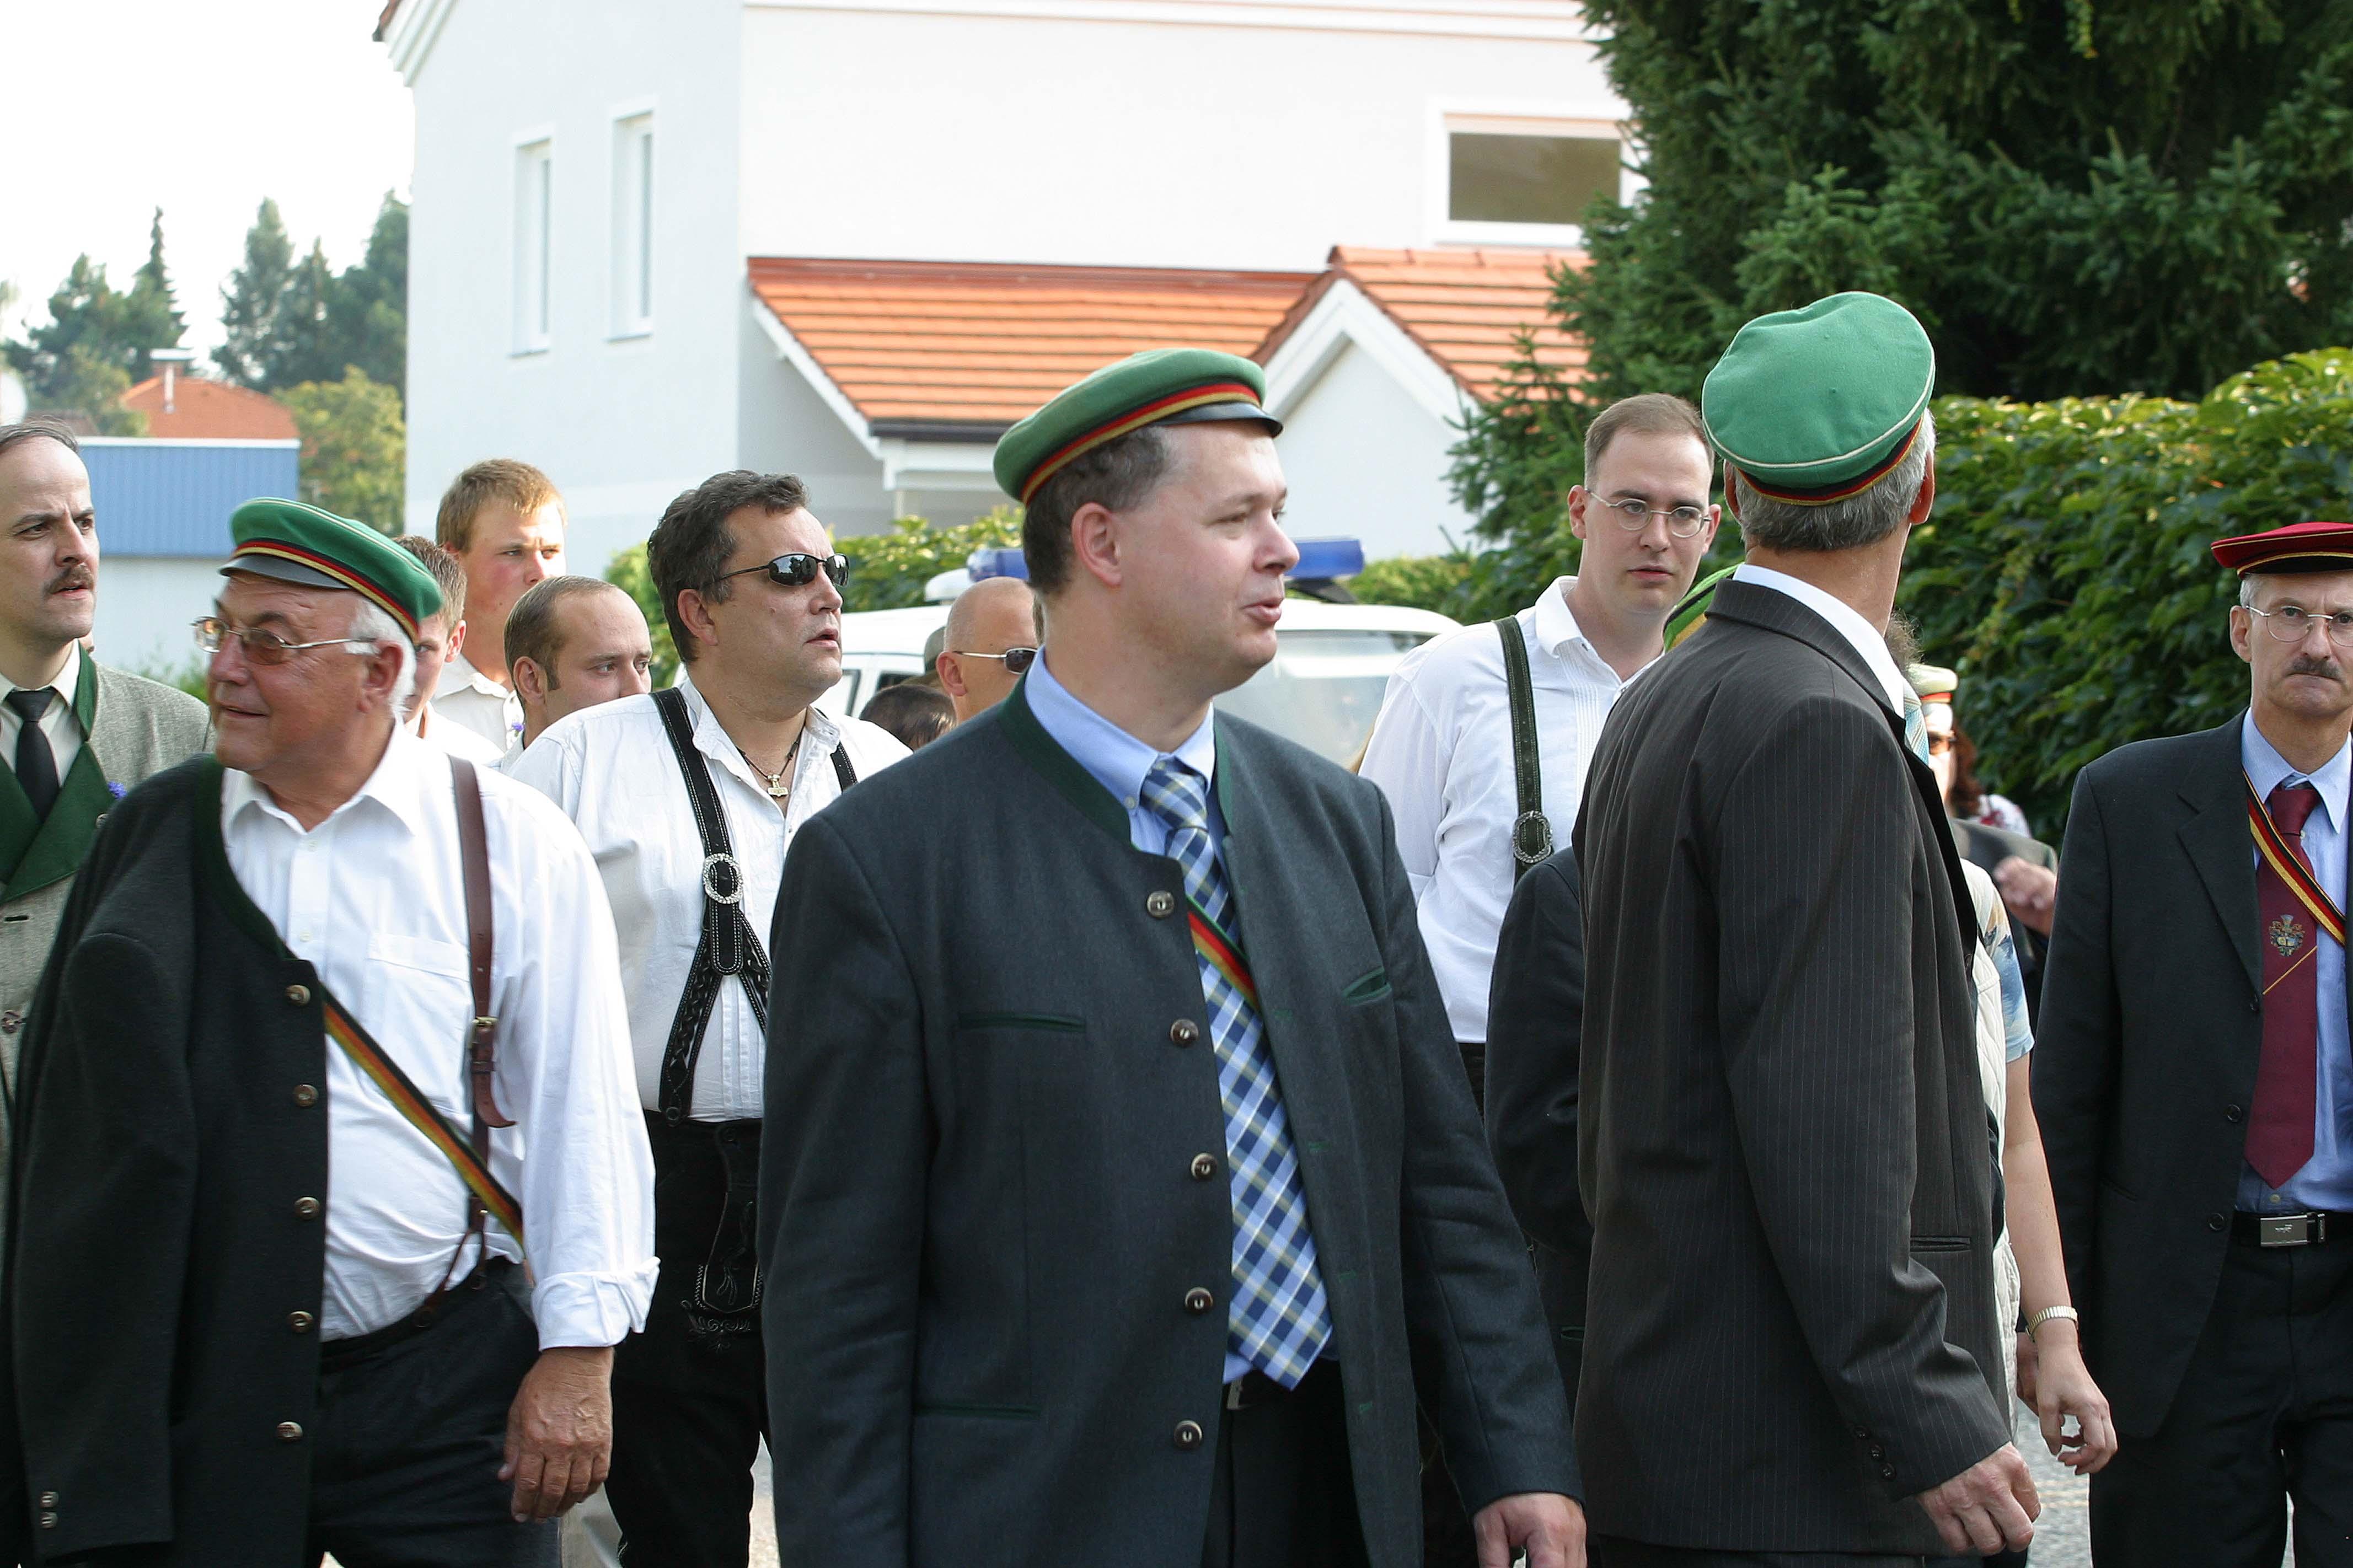 Schleicht's Euch, Ihr braunen Buben! (Podgorschek, Kitzmüller, Küssel, Budin; Palm-Gedenken 2006 Braunau)